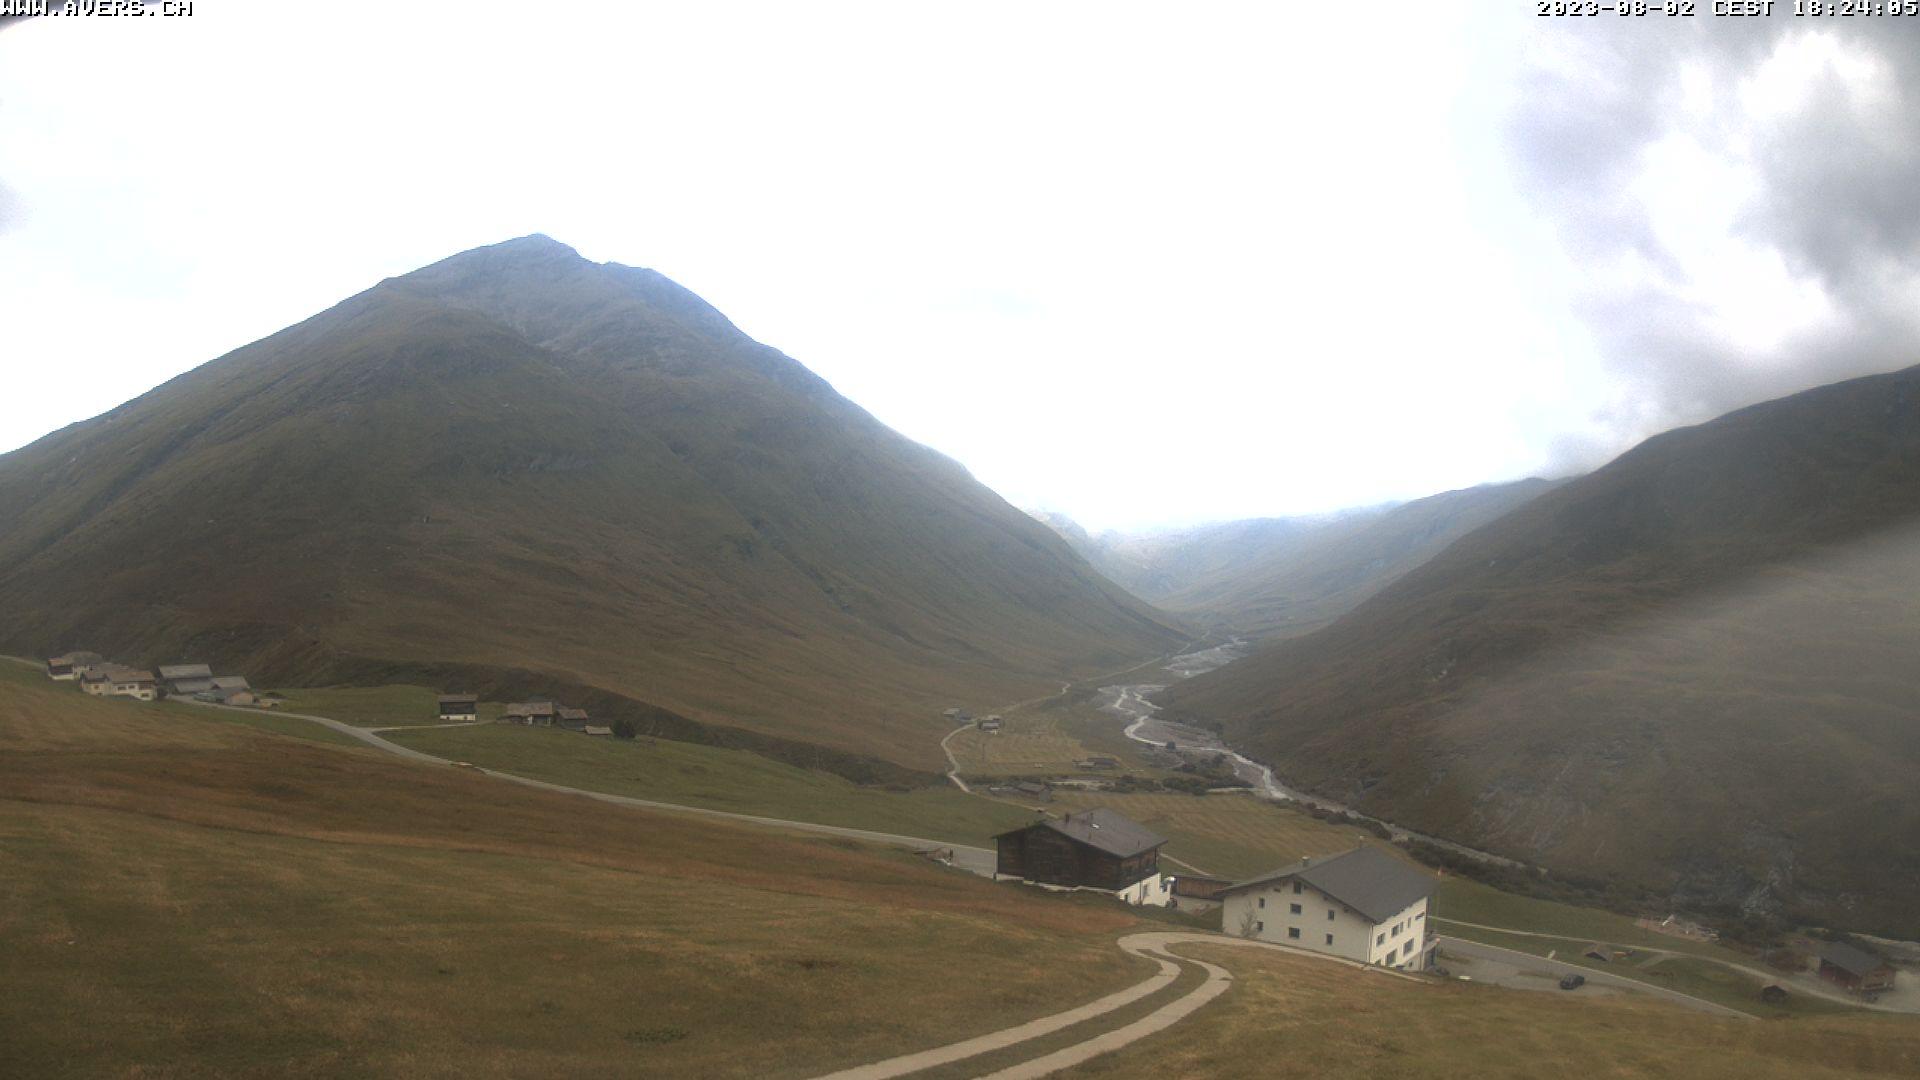 Wetterkamera, Avers, Skilift, Graubünden, Cavetta, Bregalga, Webcam